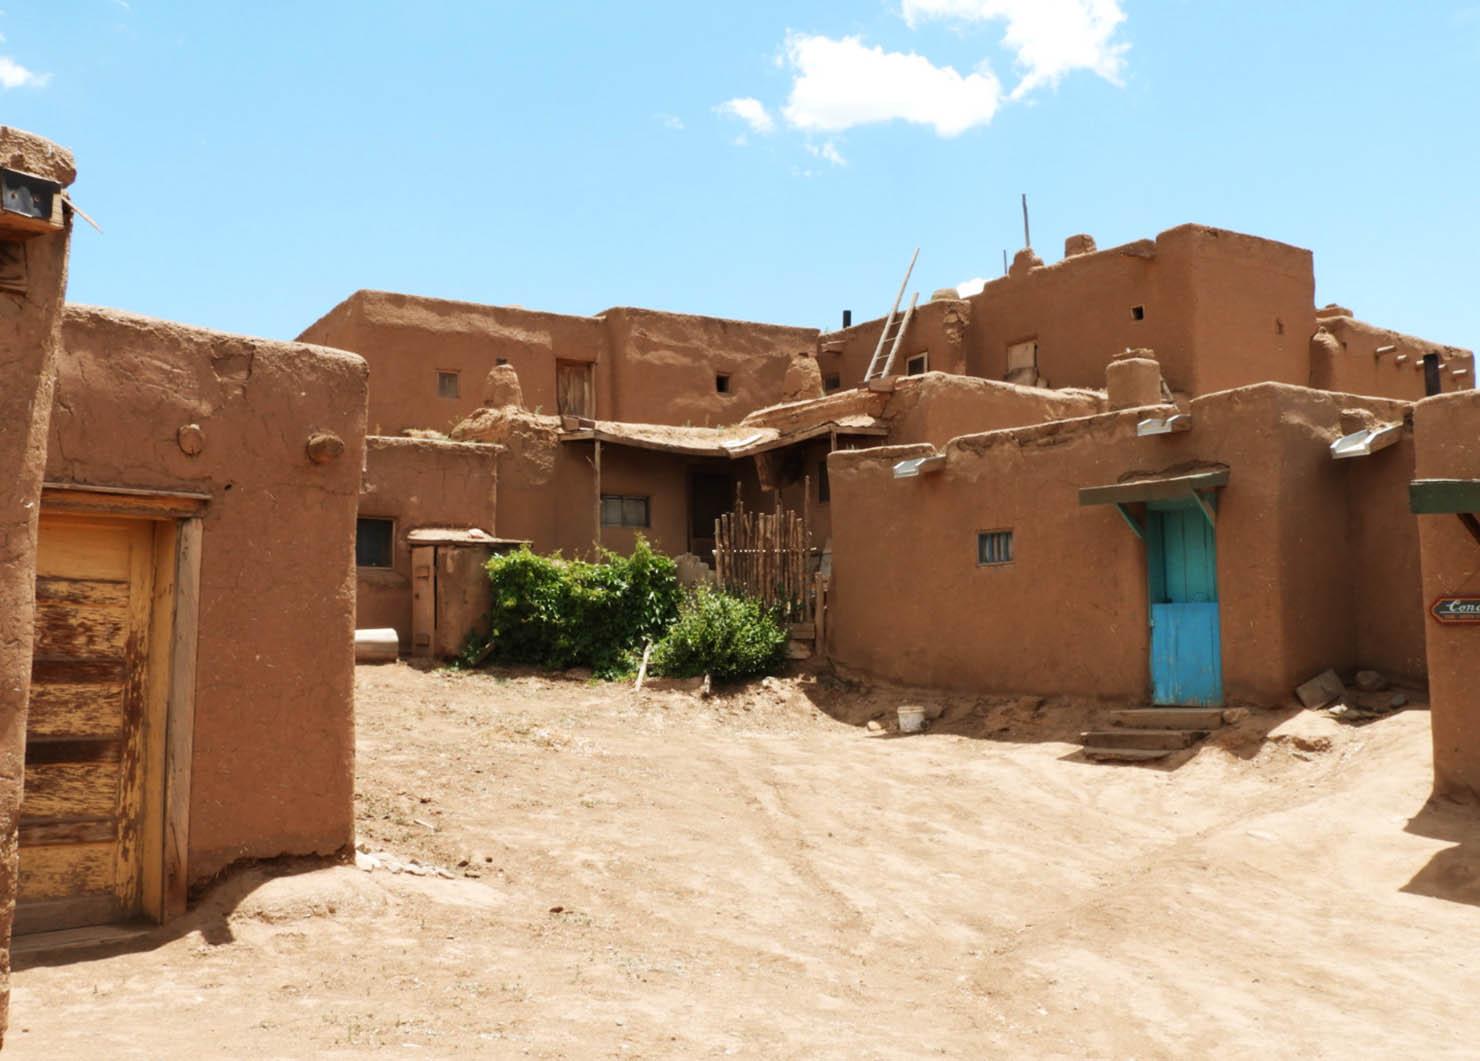 Itinerário de 10 dias para viagem no Novo México - The Blonde Abroad 17